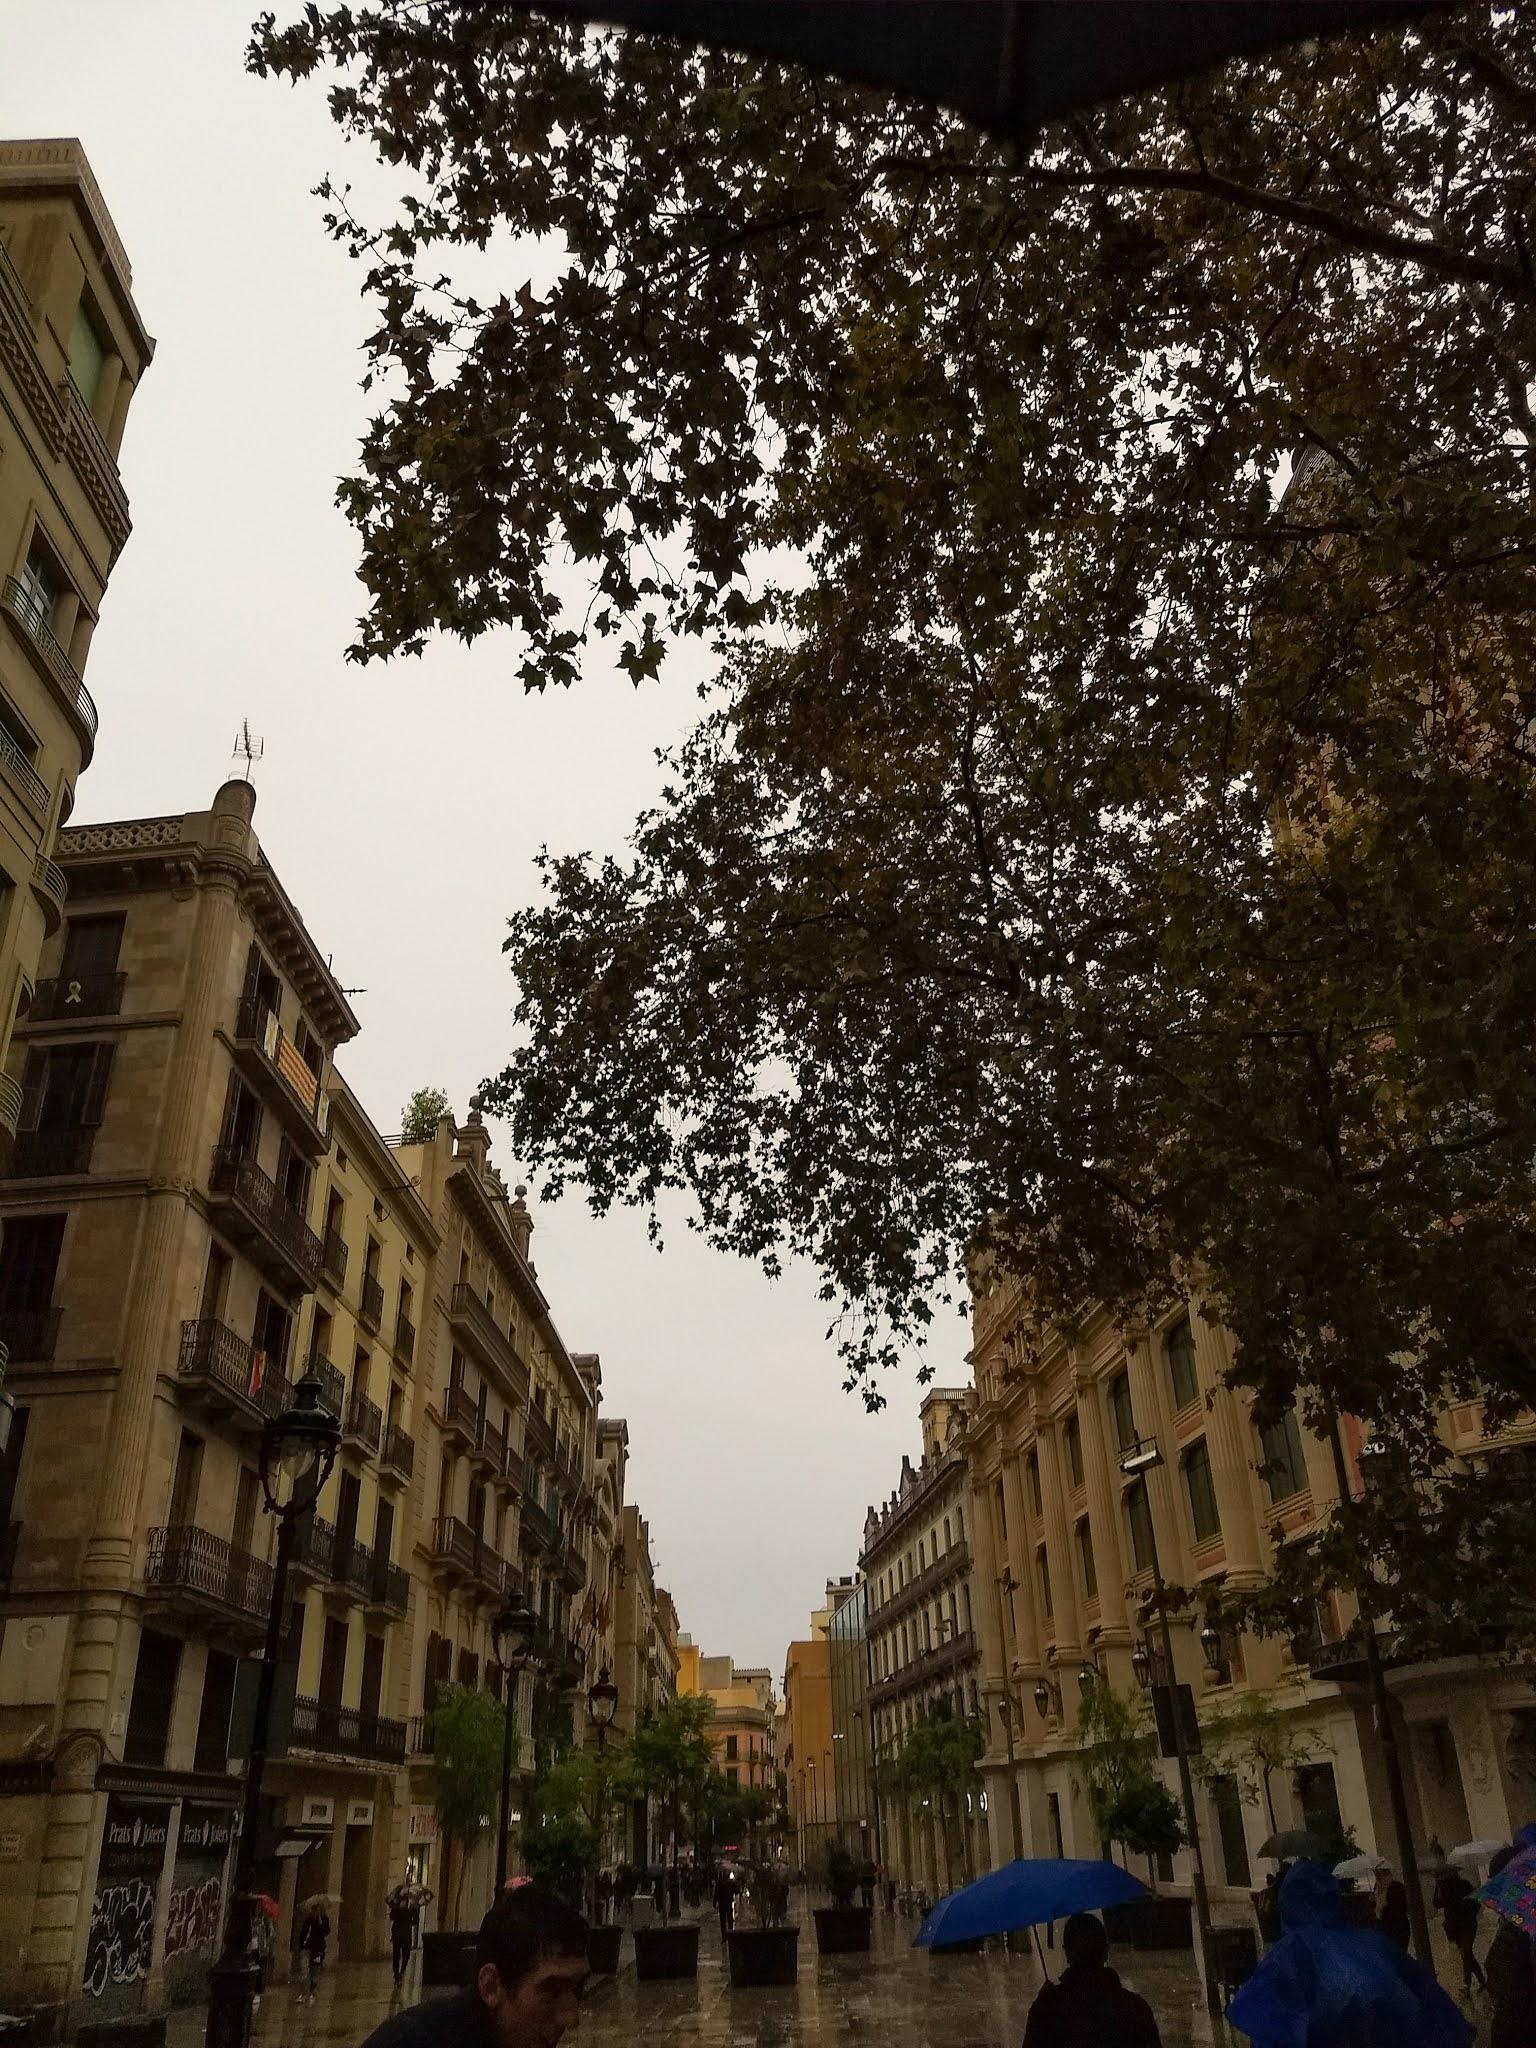 People with umbrellas walking on Portal de l'Àngel in Barcelona on a rainy day.